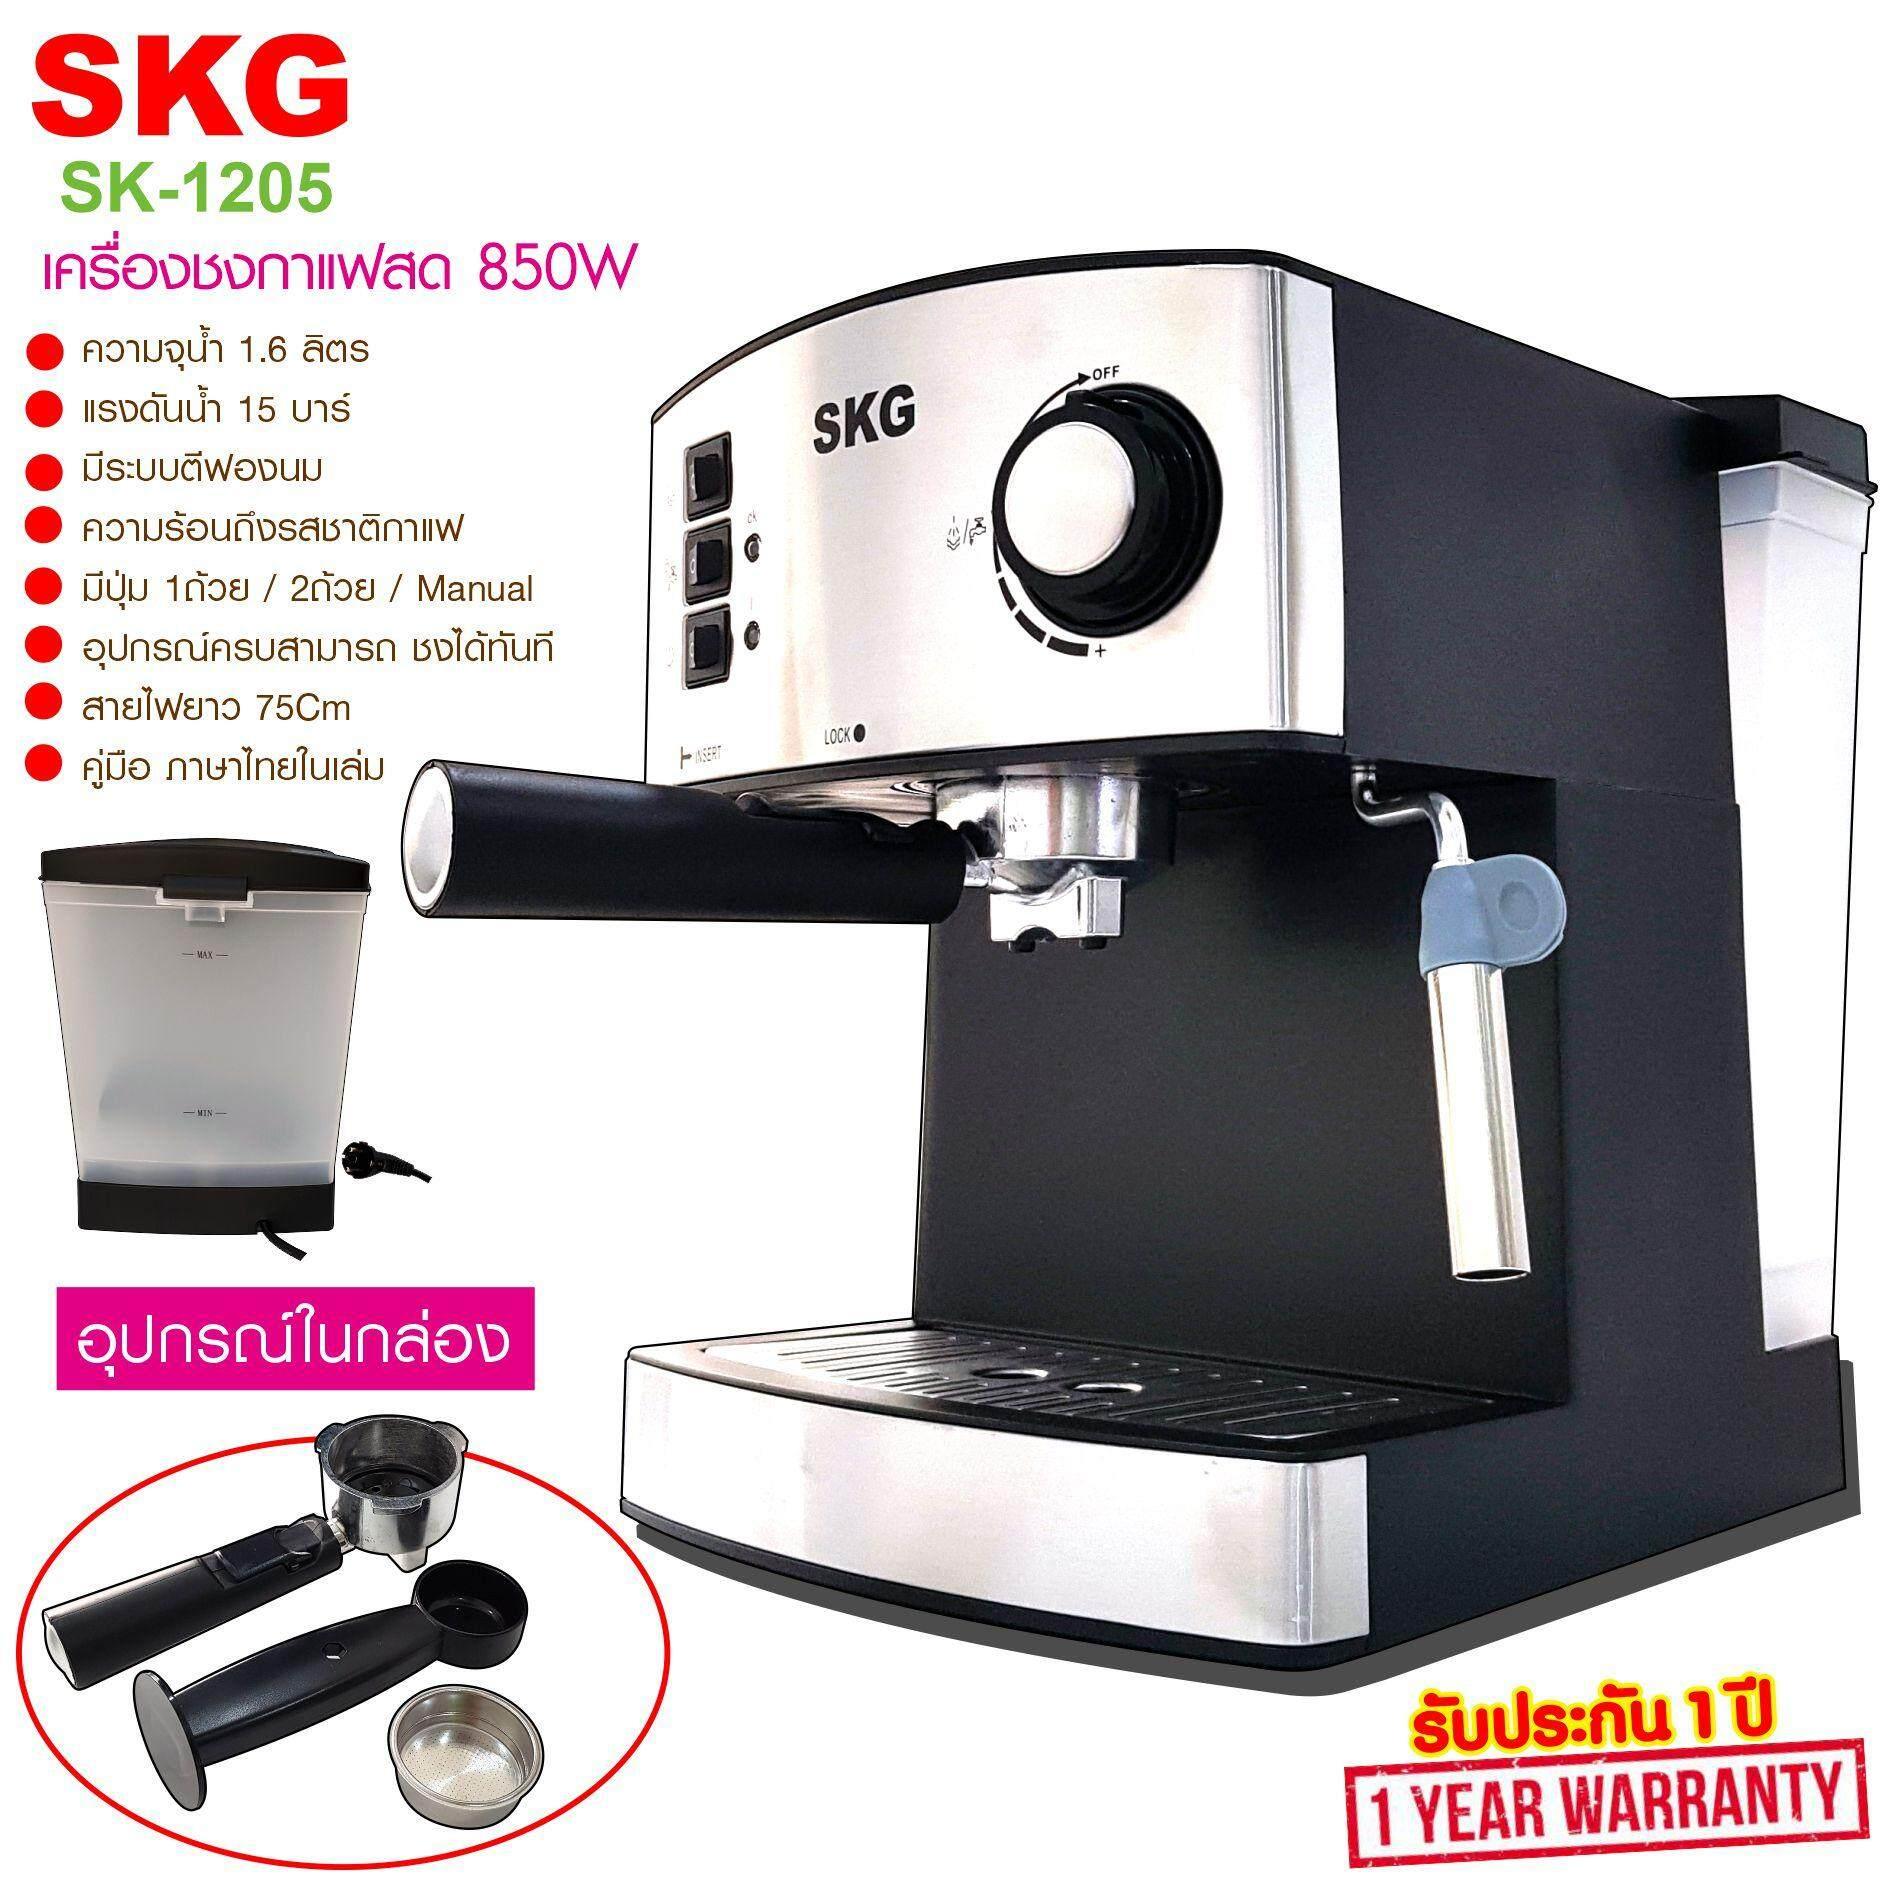 SKG เครื่องชงกาแฟสด 850W 1.6ลิตร รุ่น SK-1205 สีเงิน  - b38e401b03ff743ca86fff3896eb0f86 - Rancilio Silvia จิ๋วแต่แจ๋ว